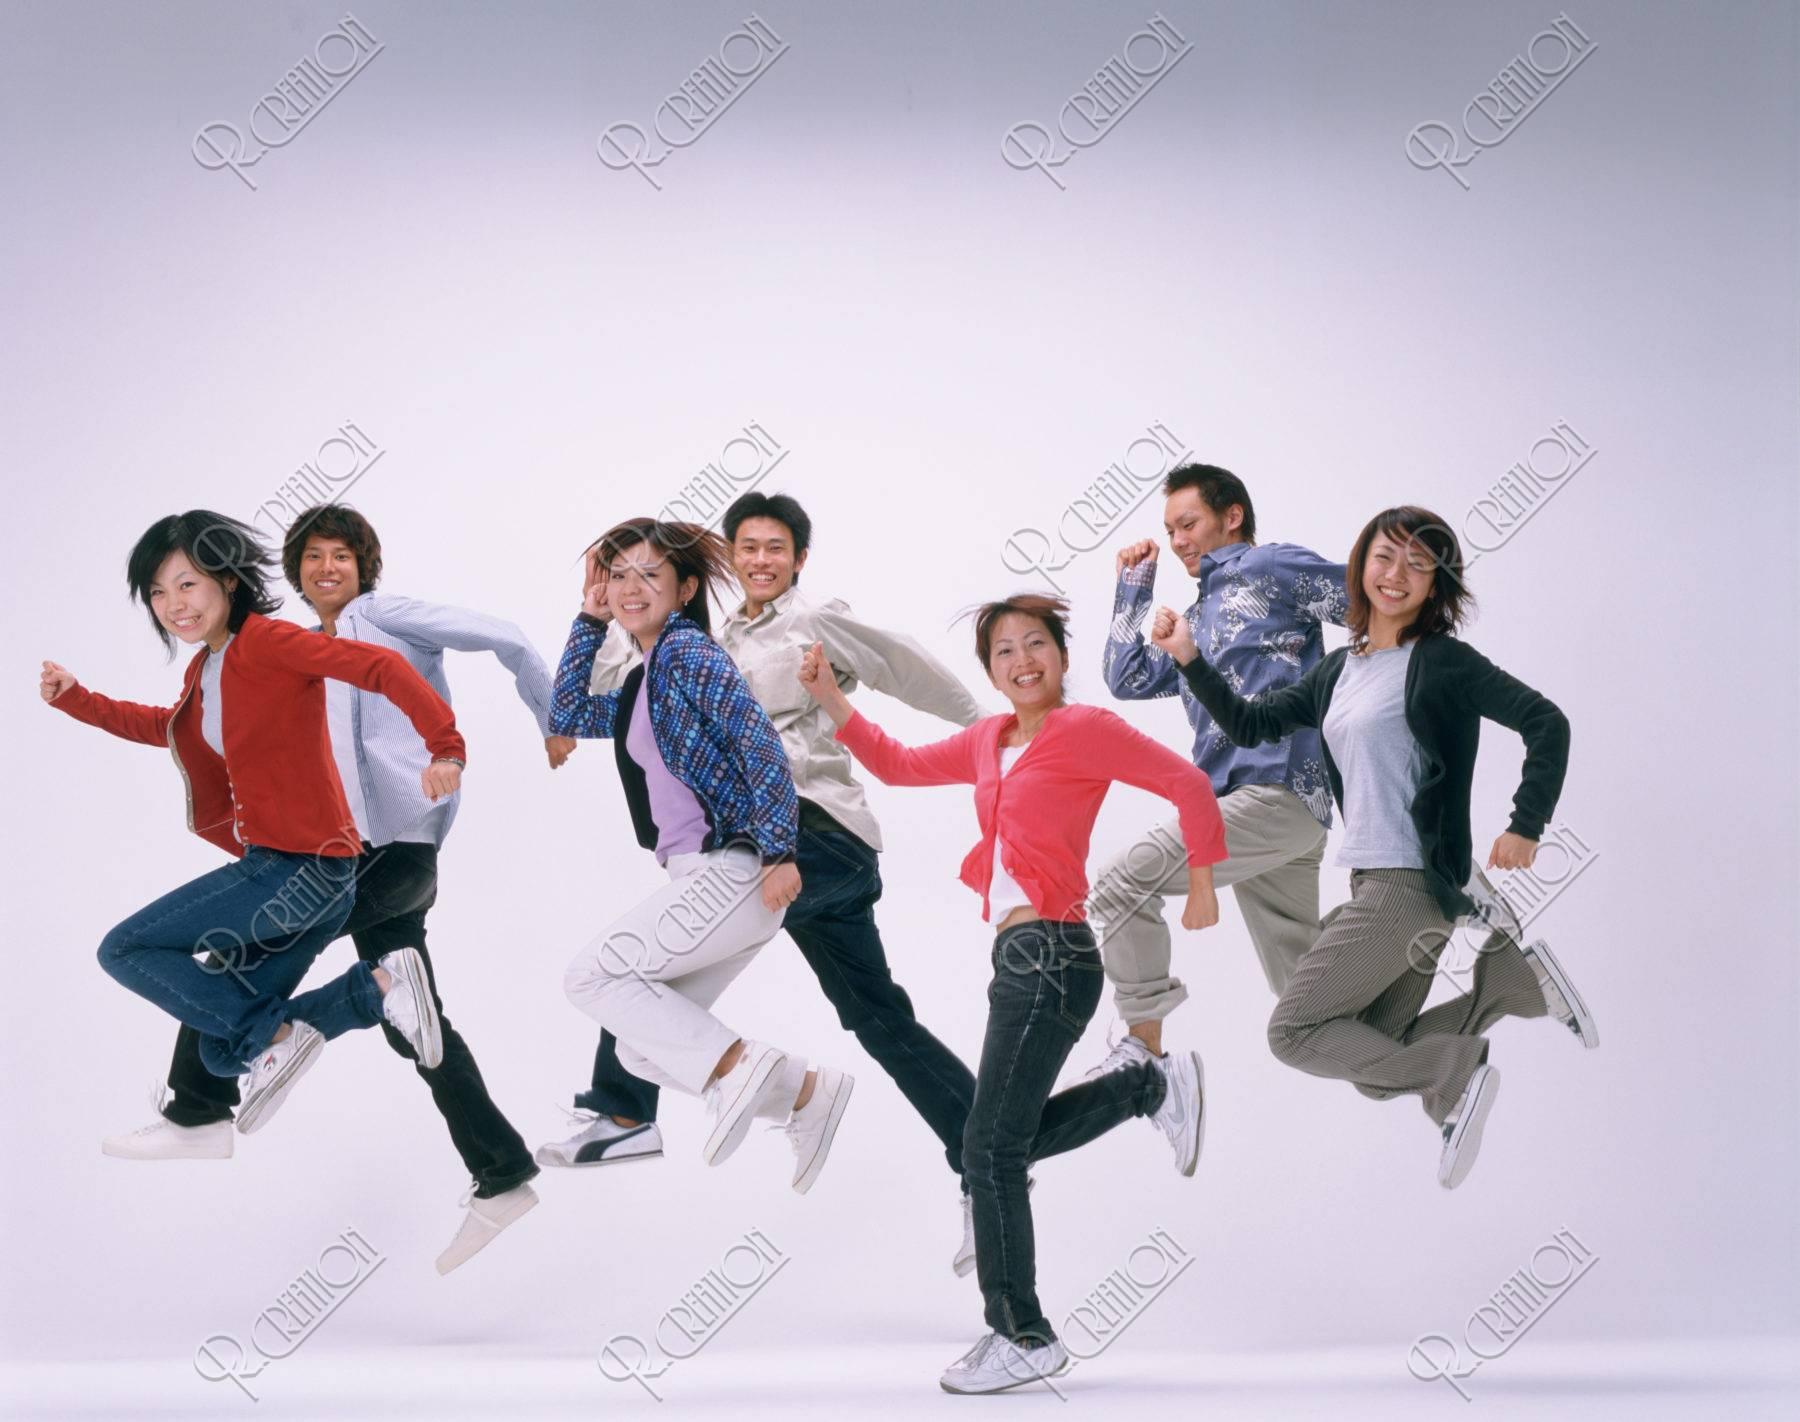 ジャンプをする若者達